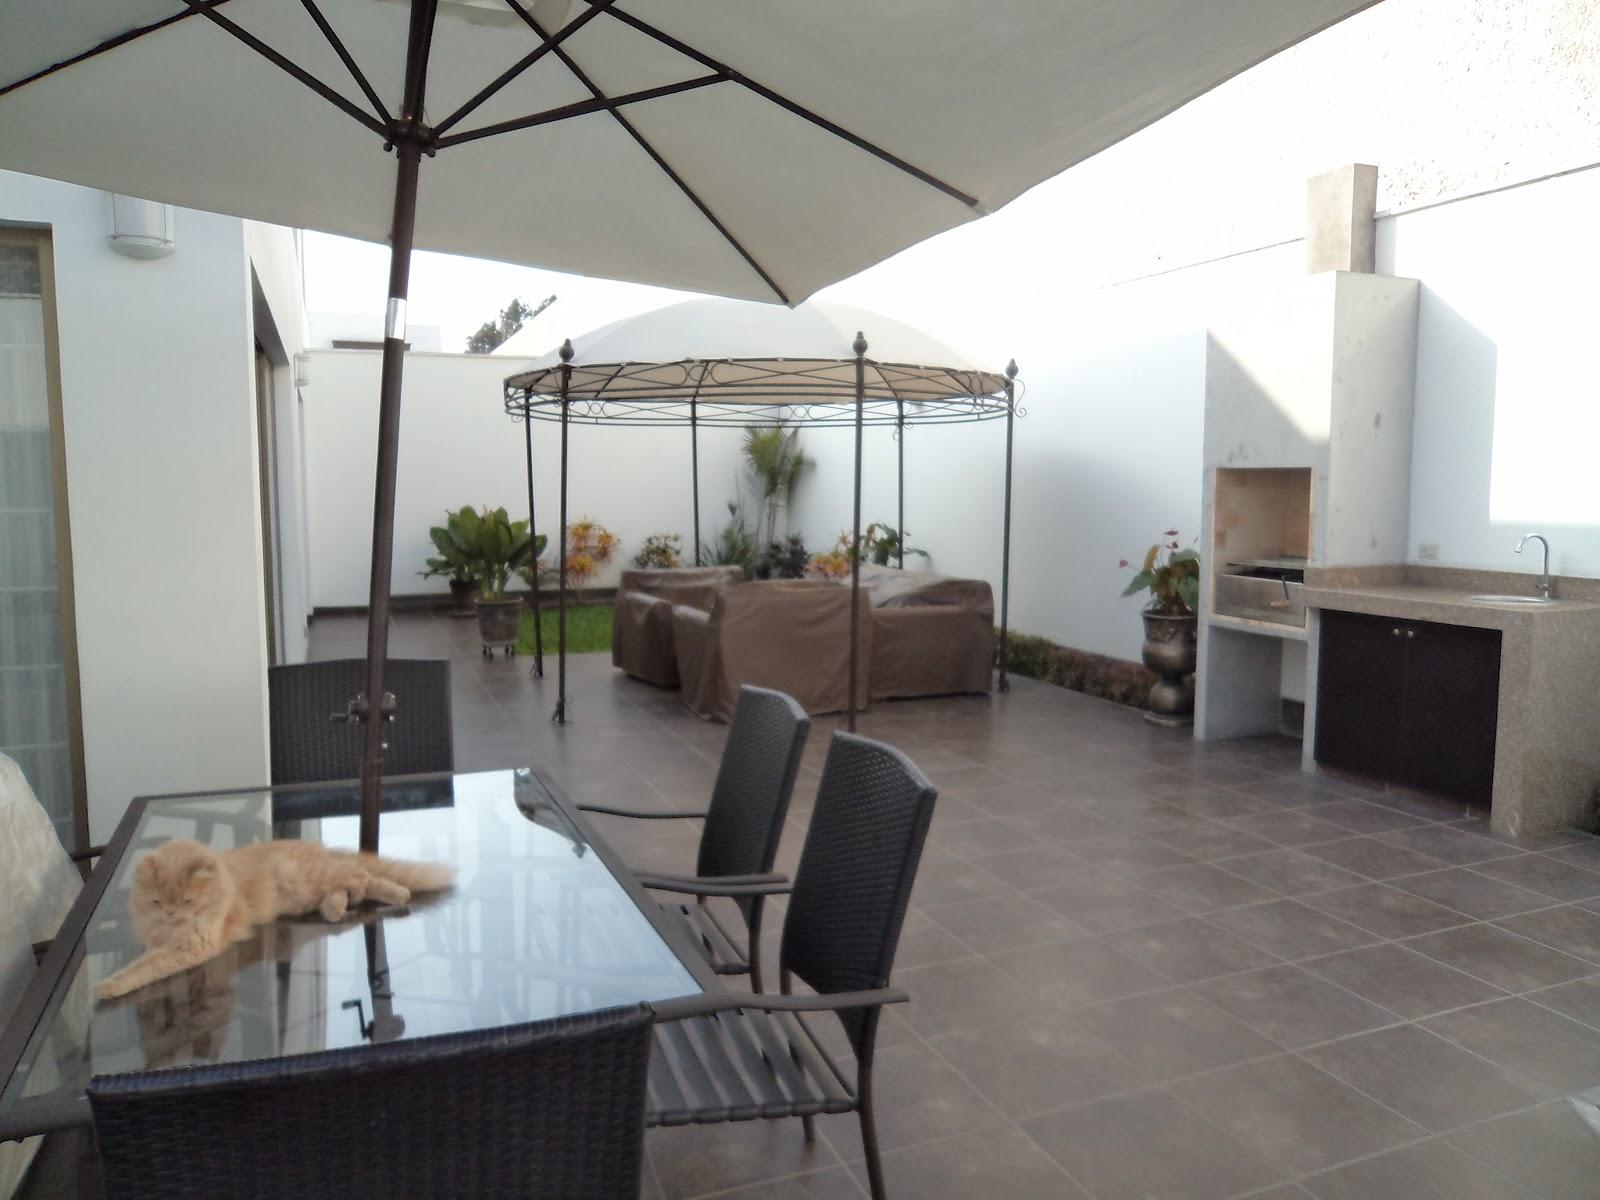 Oniria remodelacion de interiores y piscina en vivienda for Zocalos para patios modernos